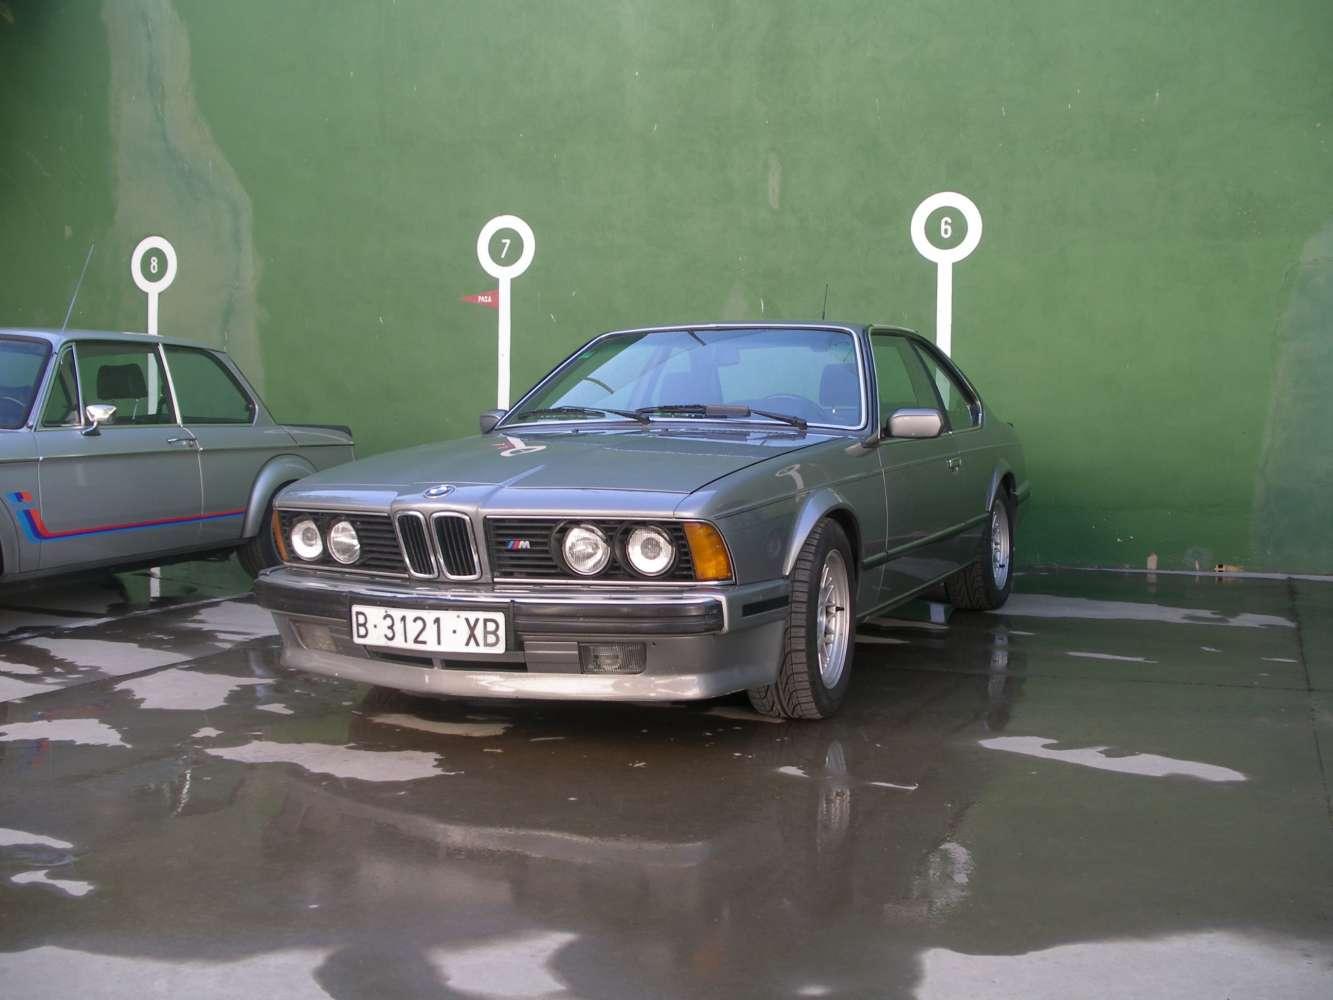 BMW E24 M635csi 118,000 Kms Colección NorClassics